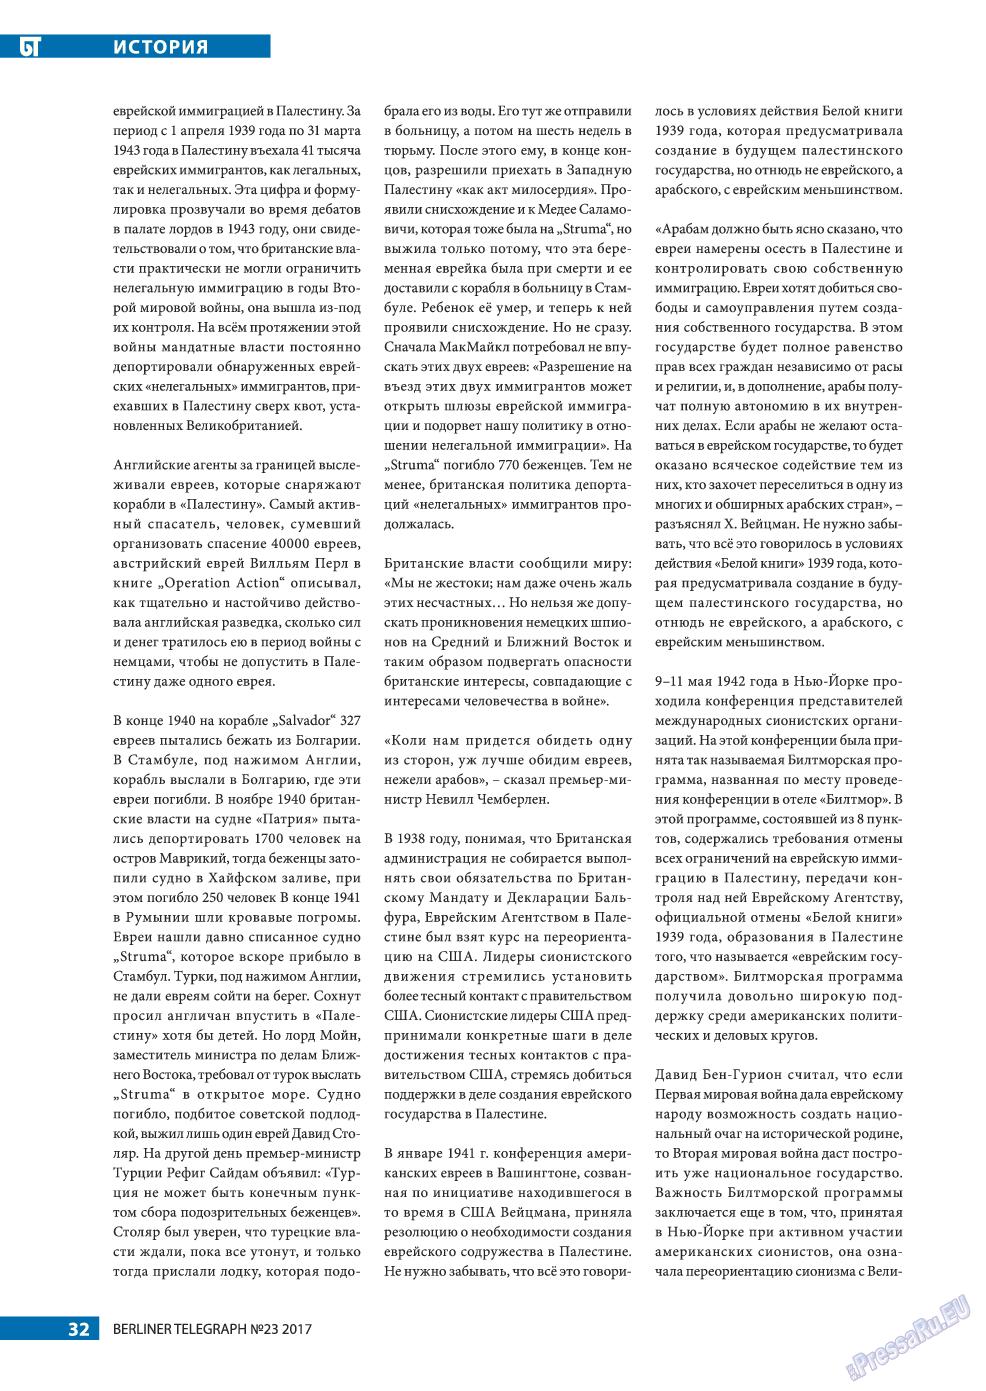 Берлинский телеграф (журнал). 2017 год, номер 23, стр. 32